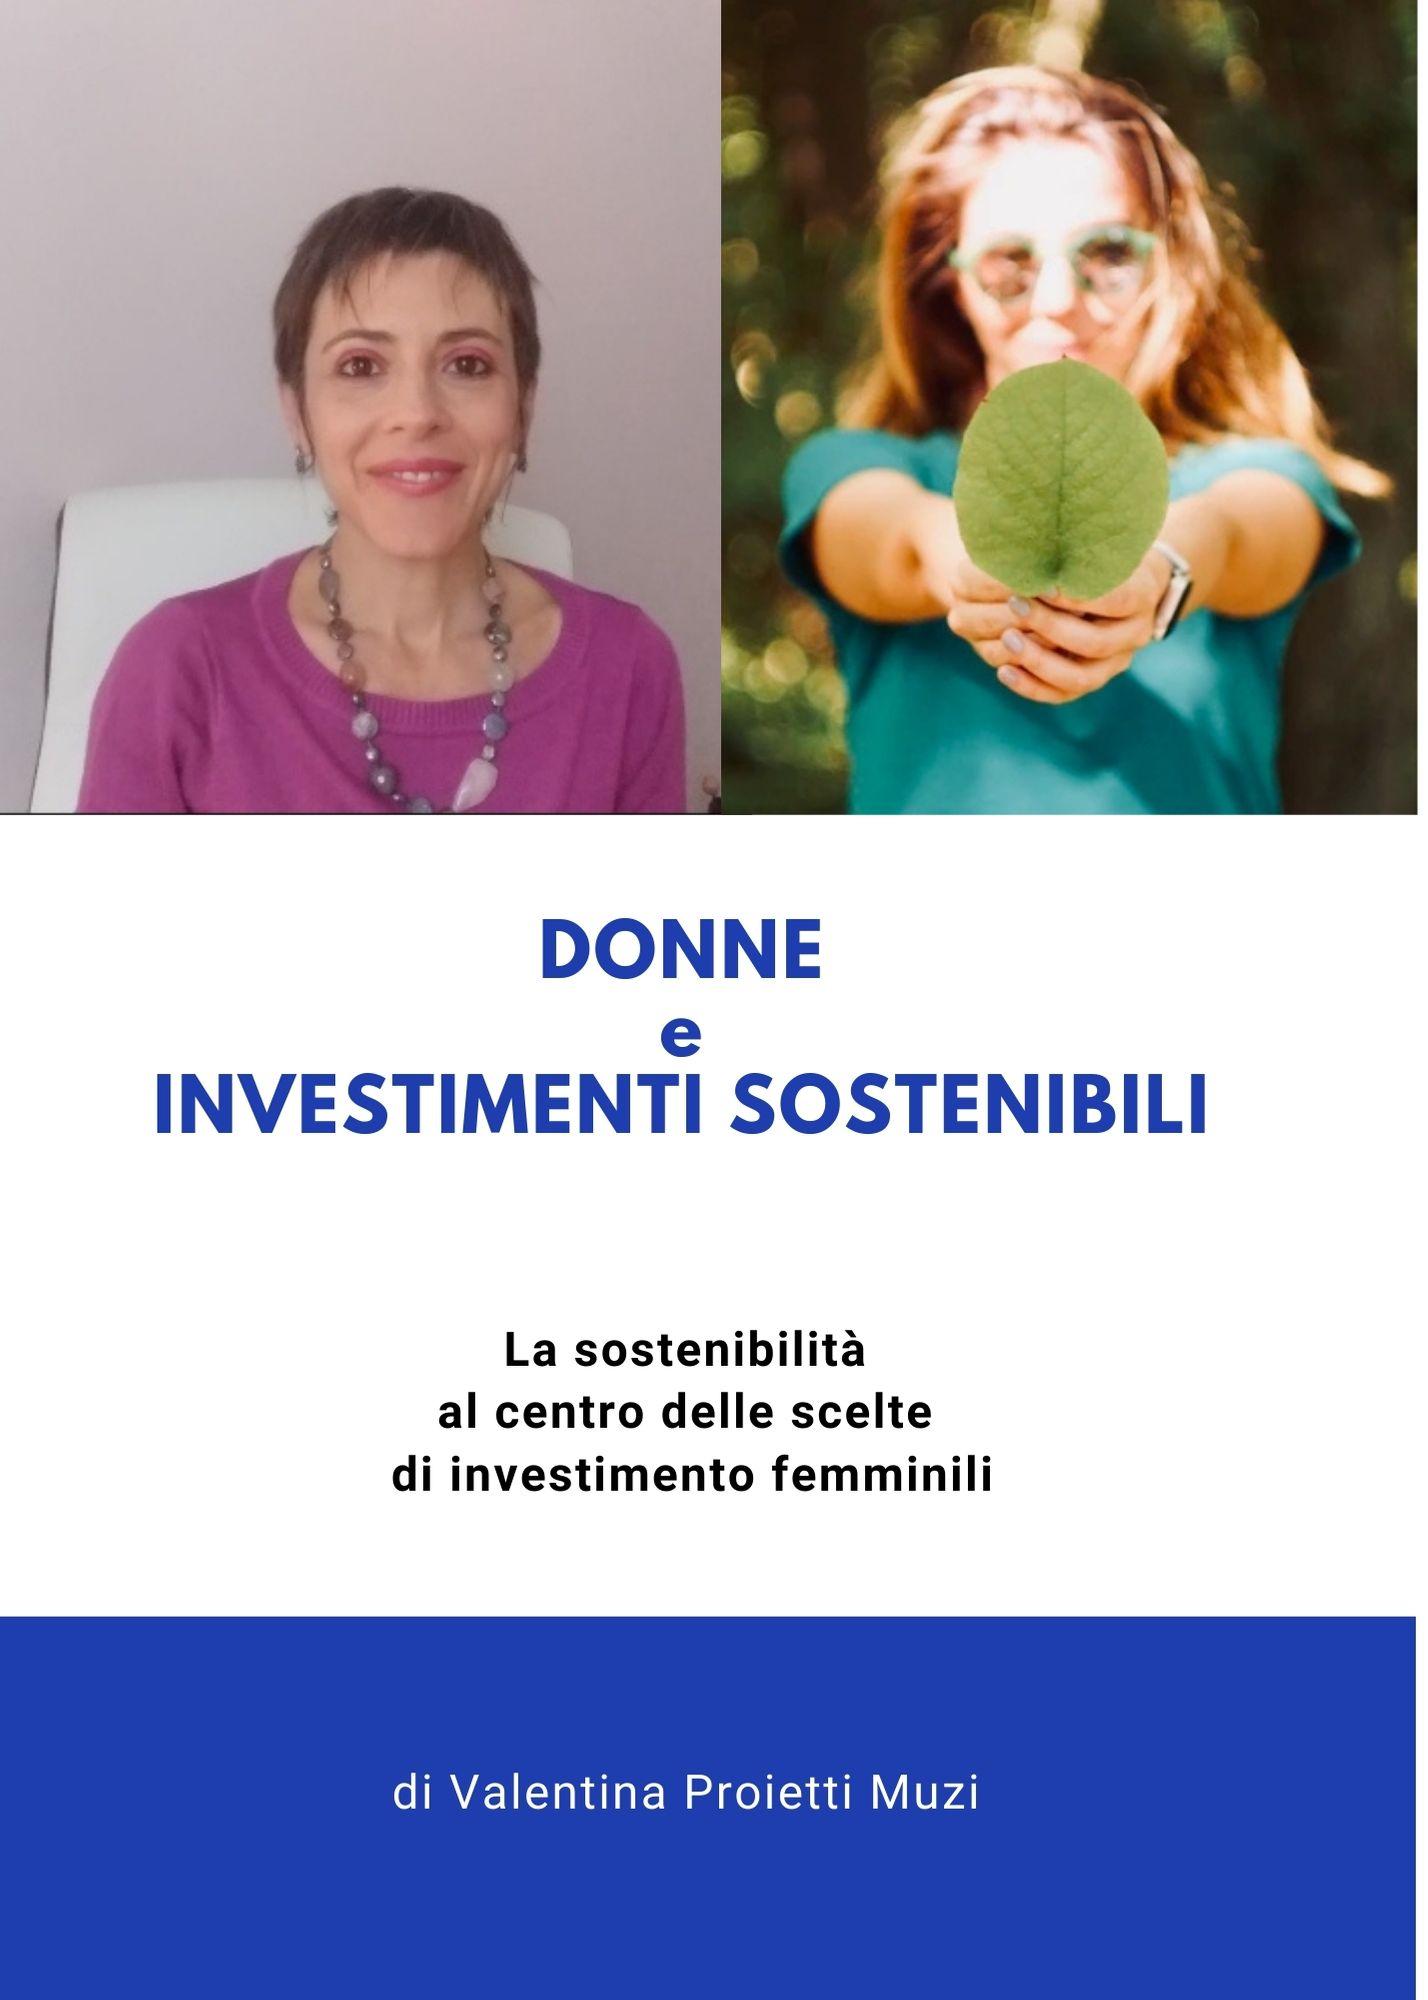 Donne e investimenti sostenibili. La sostenibilità al centro delle scelte di investimento femminili